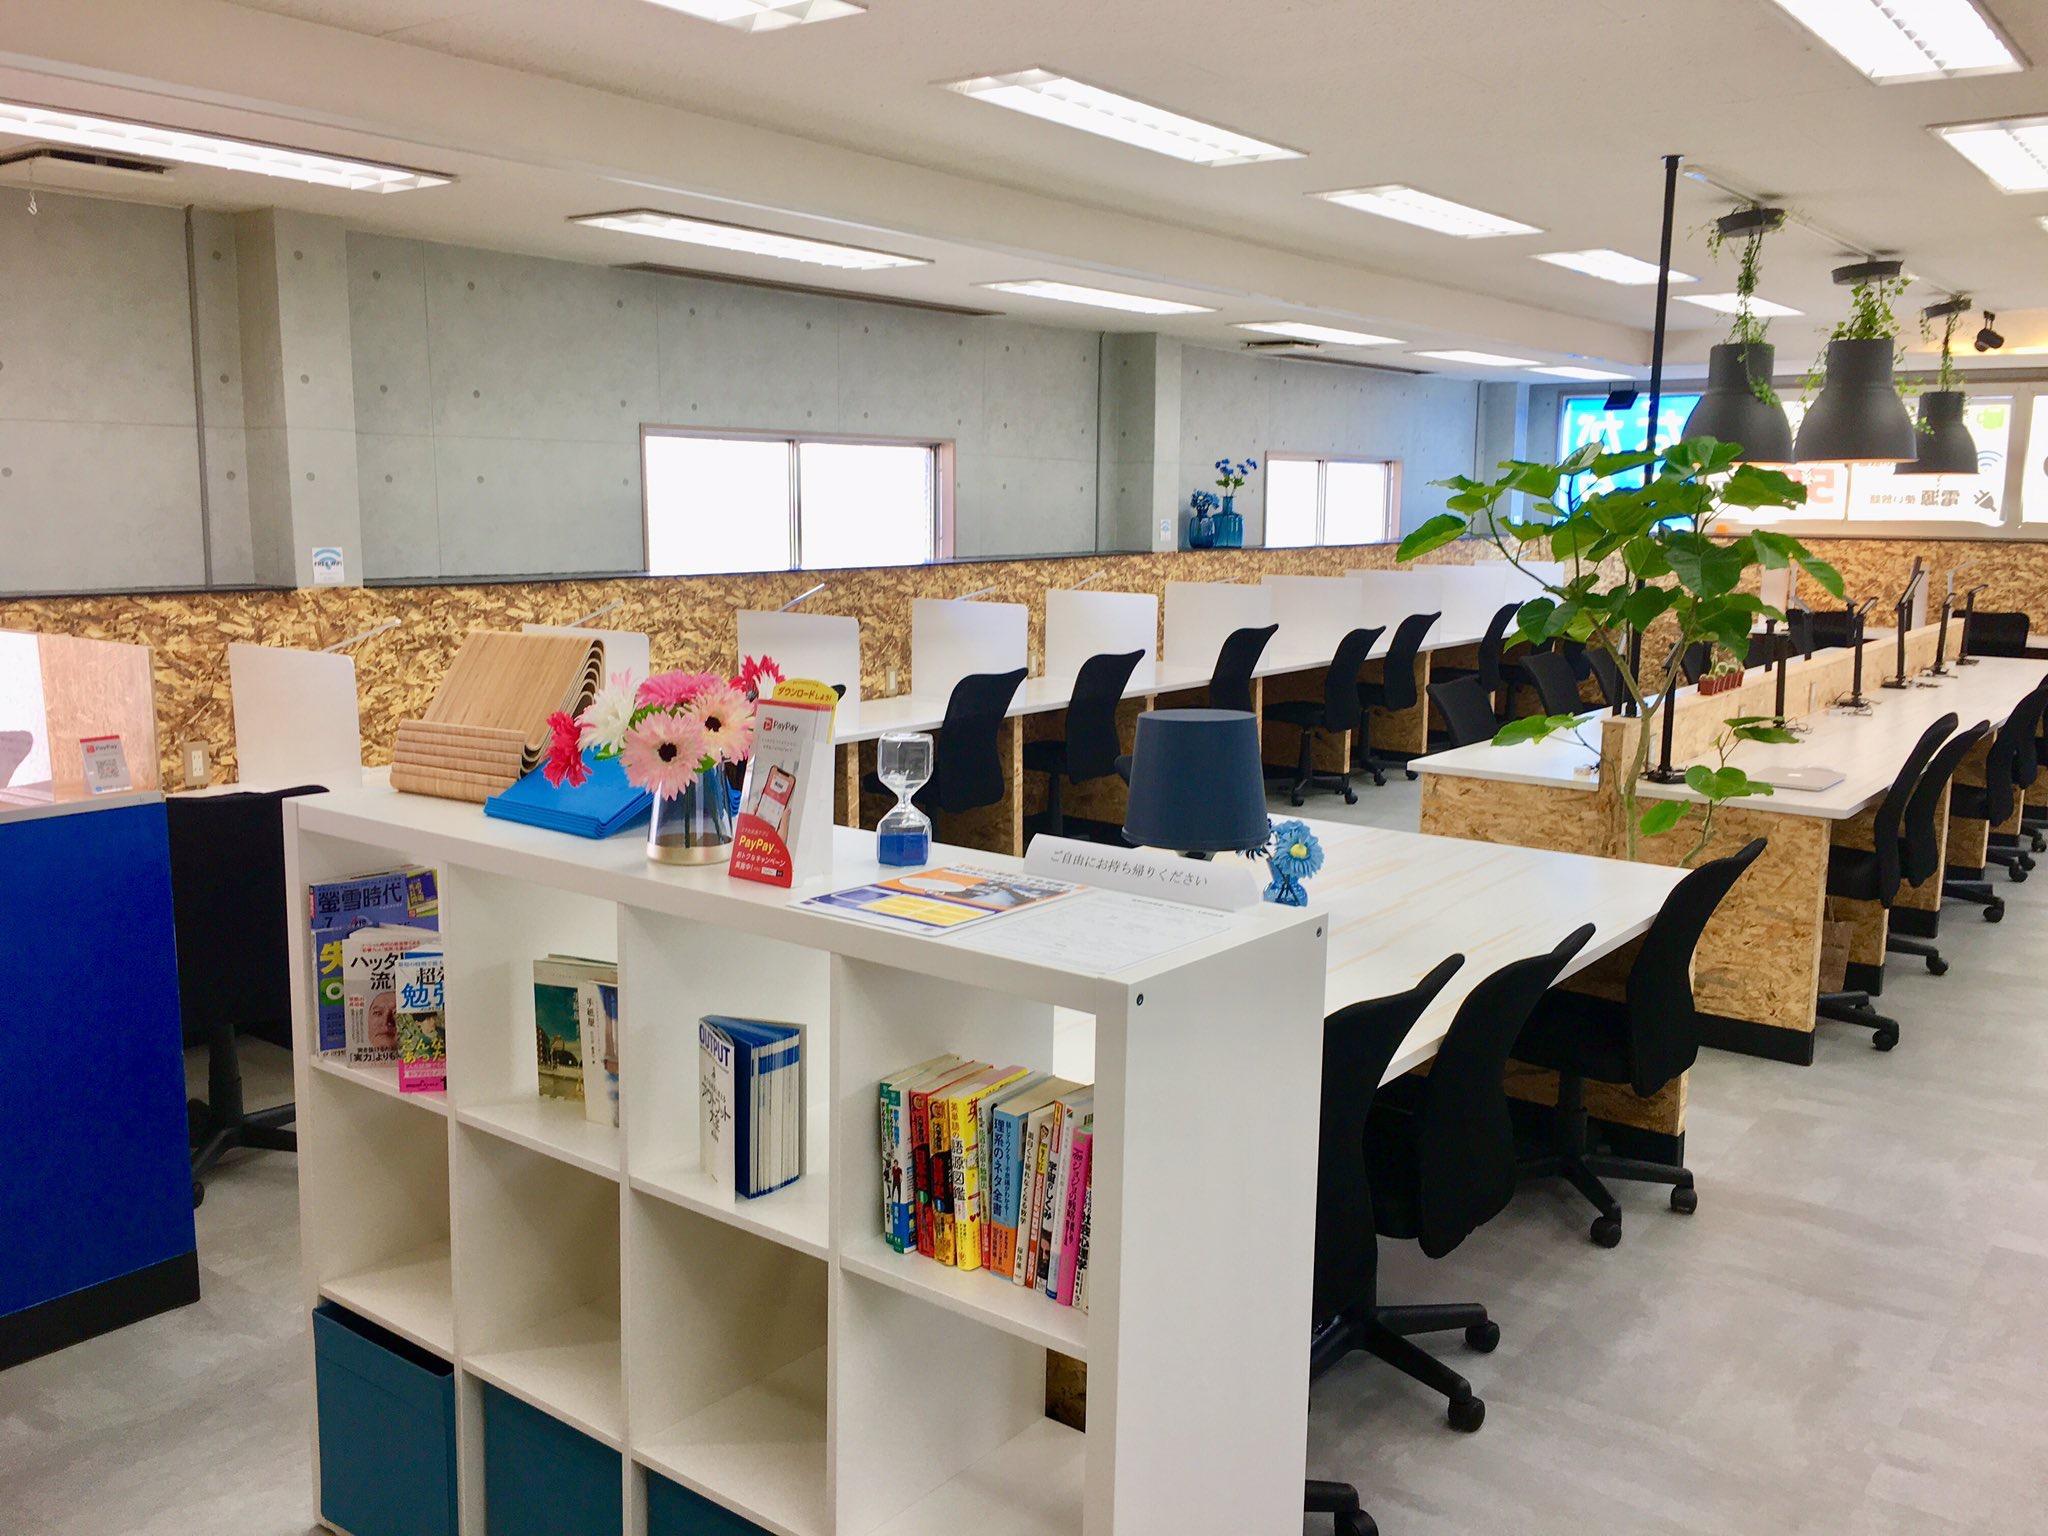 仙台市太白区長町の自習室『ながスタ』